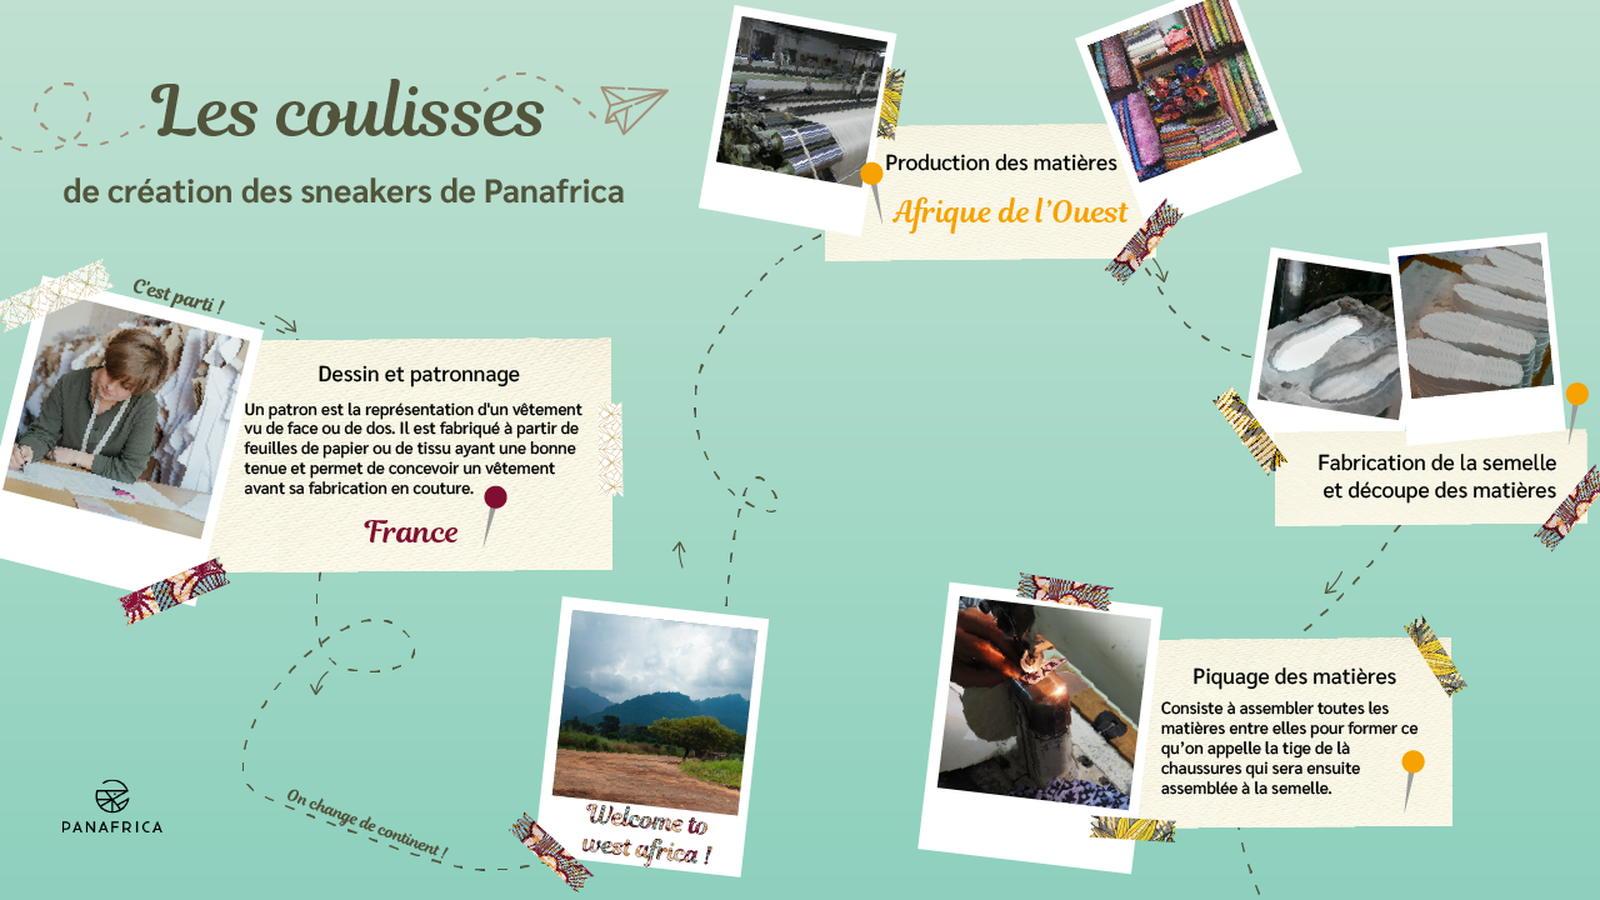 Voyage dans les coulisses de fabrication d'une basket Panafrica - Frise 1